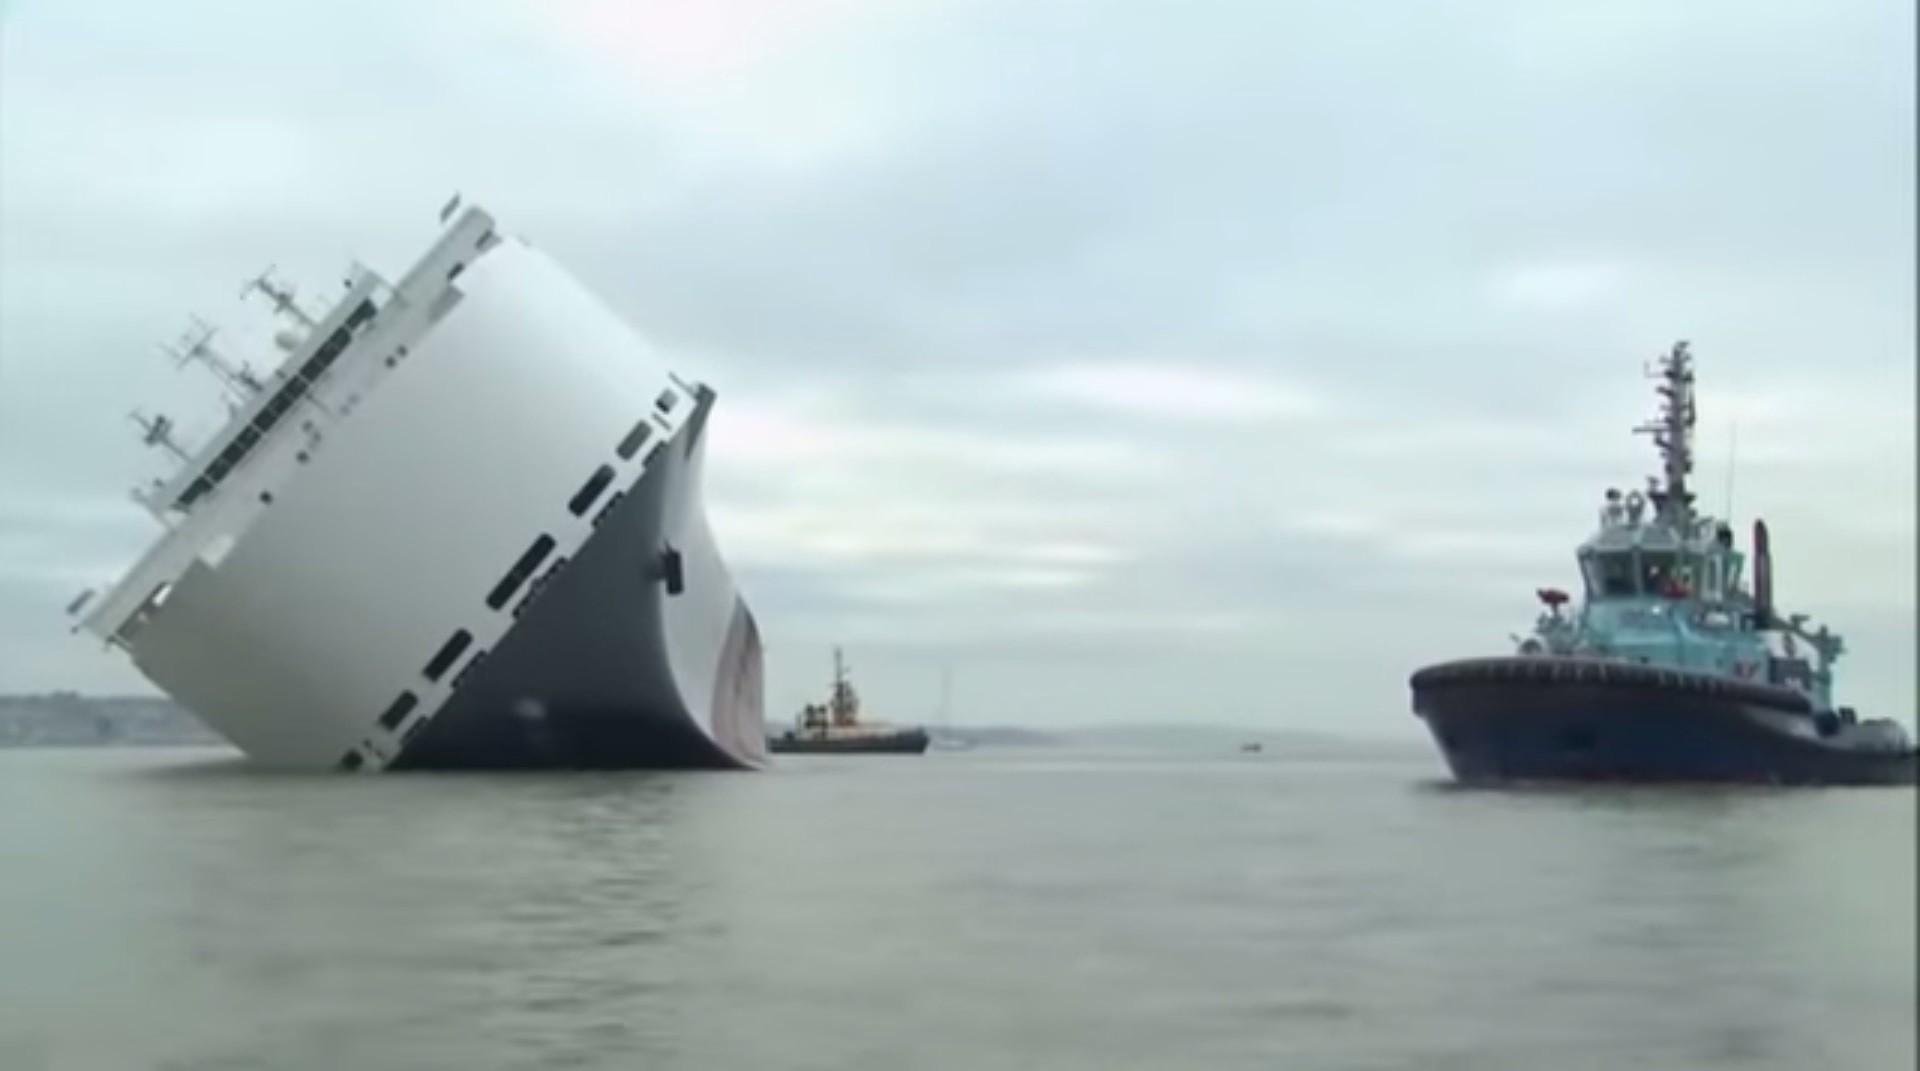 700 مليون ريال خسائر جنوح سفينة شحن سيارات قادمة إلى جدة